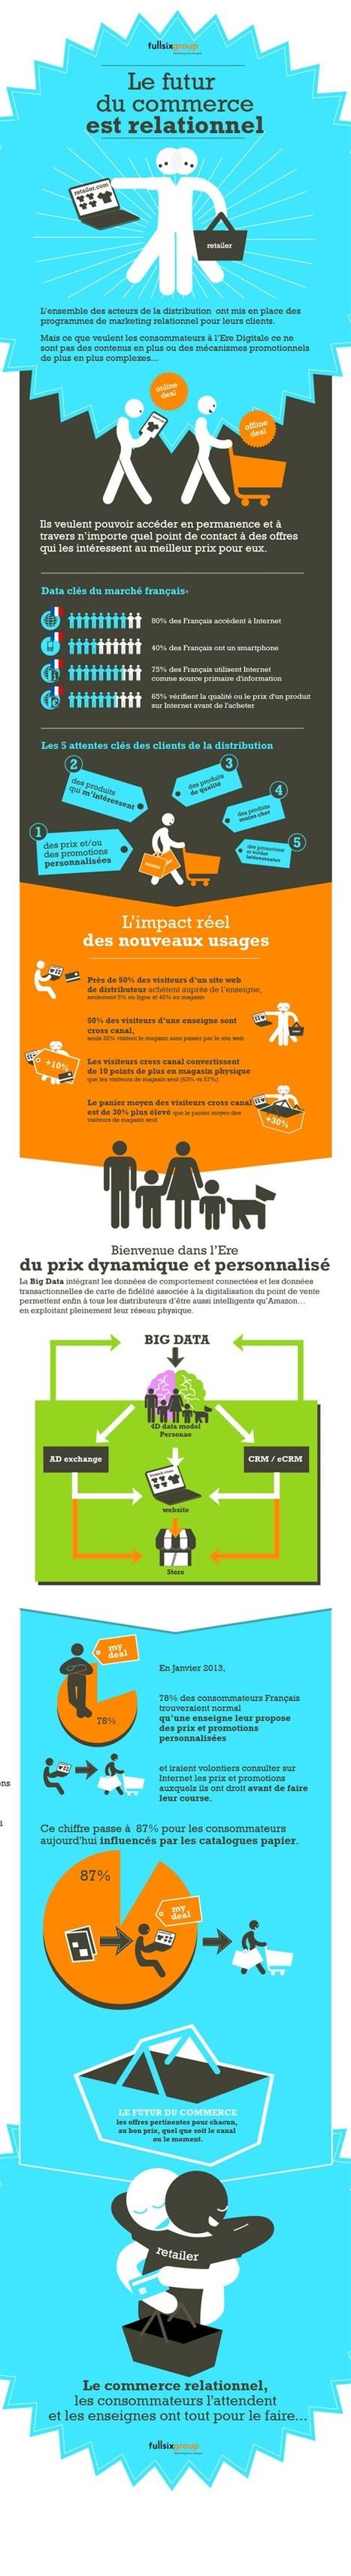 [Infographie] Quelles sont les attentes des consommateurs à l'ère digitale ? | Mobile & Magasins | Scoop.it